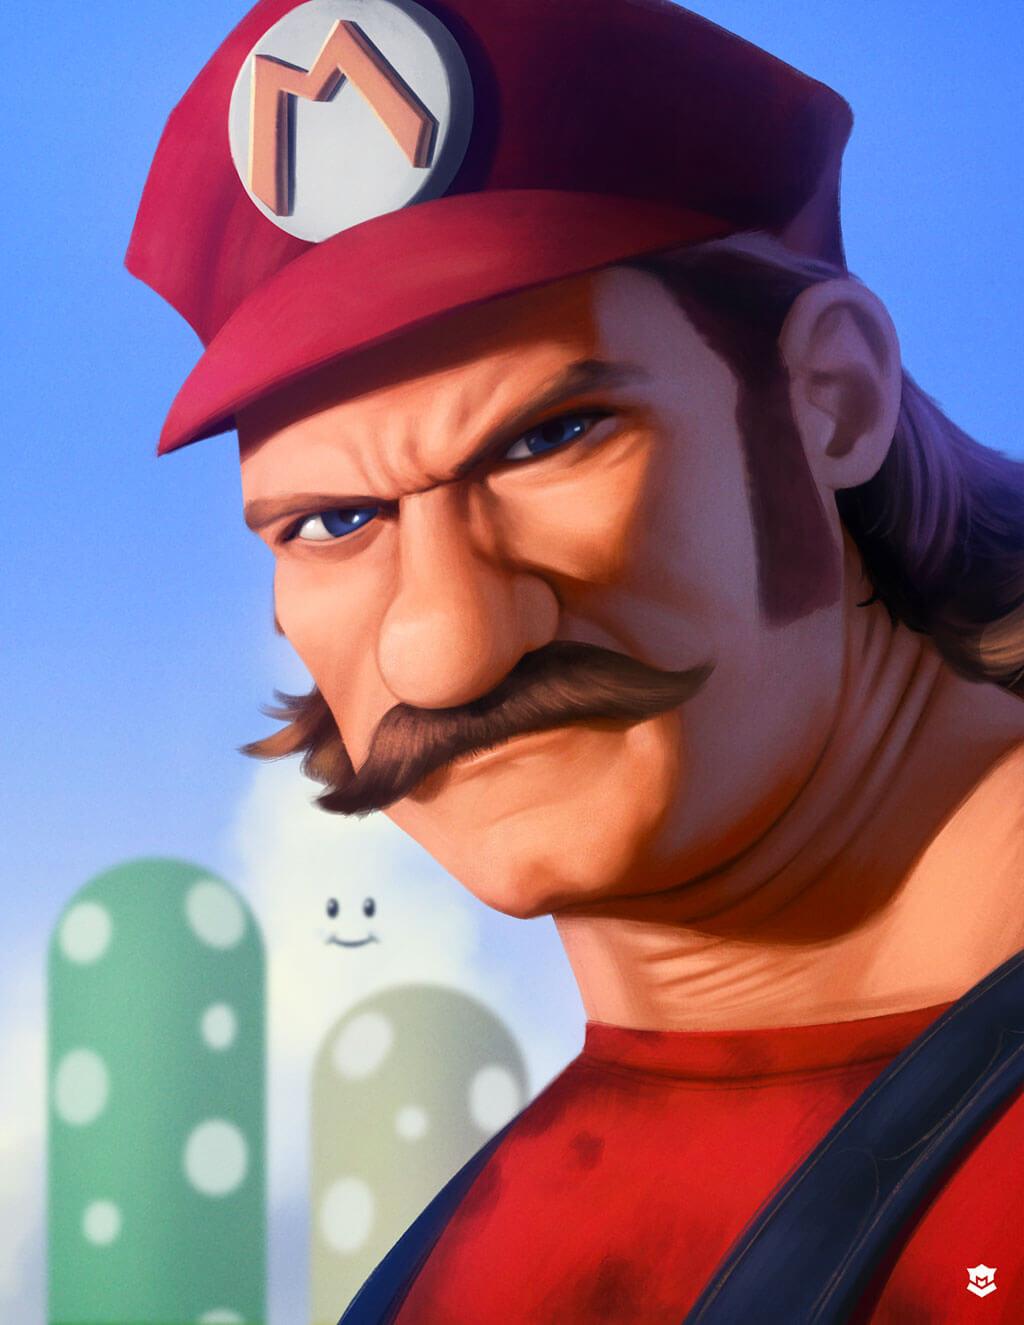 Mario Fan Art by Marcos Lopez